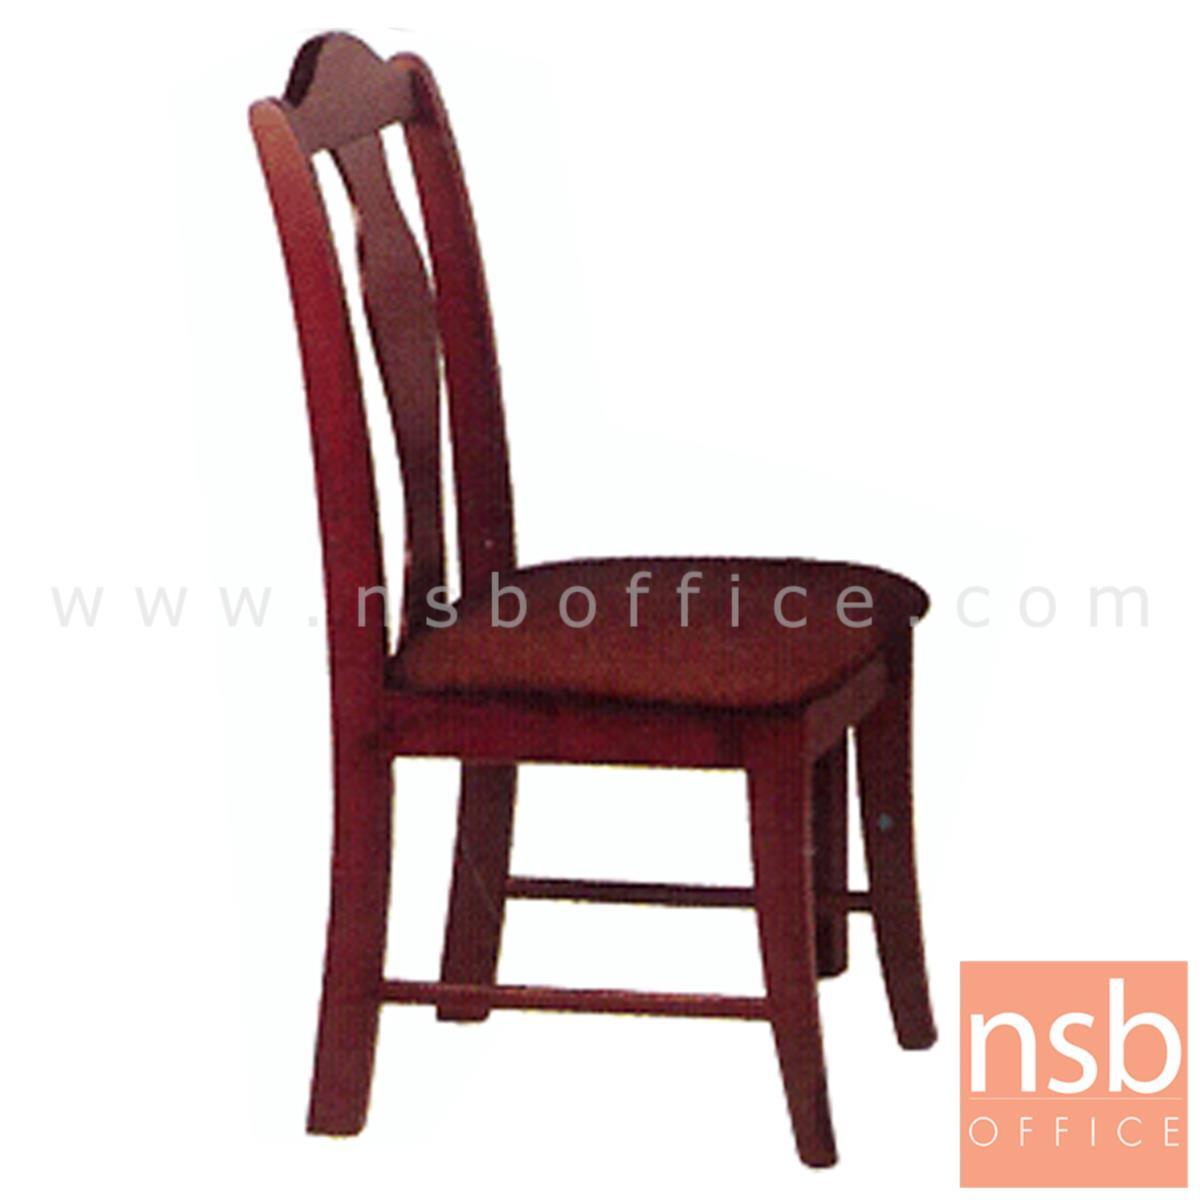 G14A043:เก้าอี้ไม้ยางพาราที่นั่งหุ้มหนังเทียม  รุ่น Webster (เว็บสเตอร์) ขาไม้